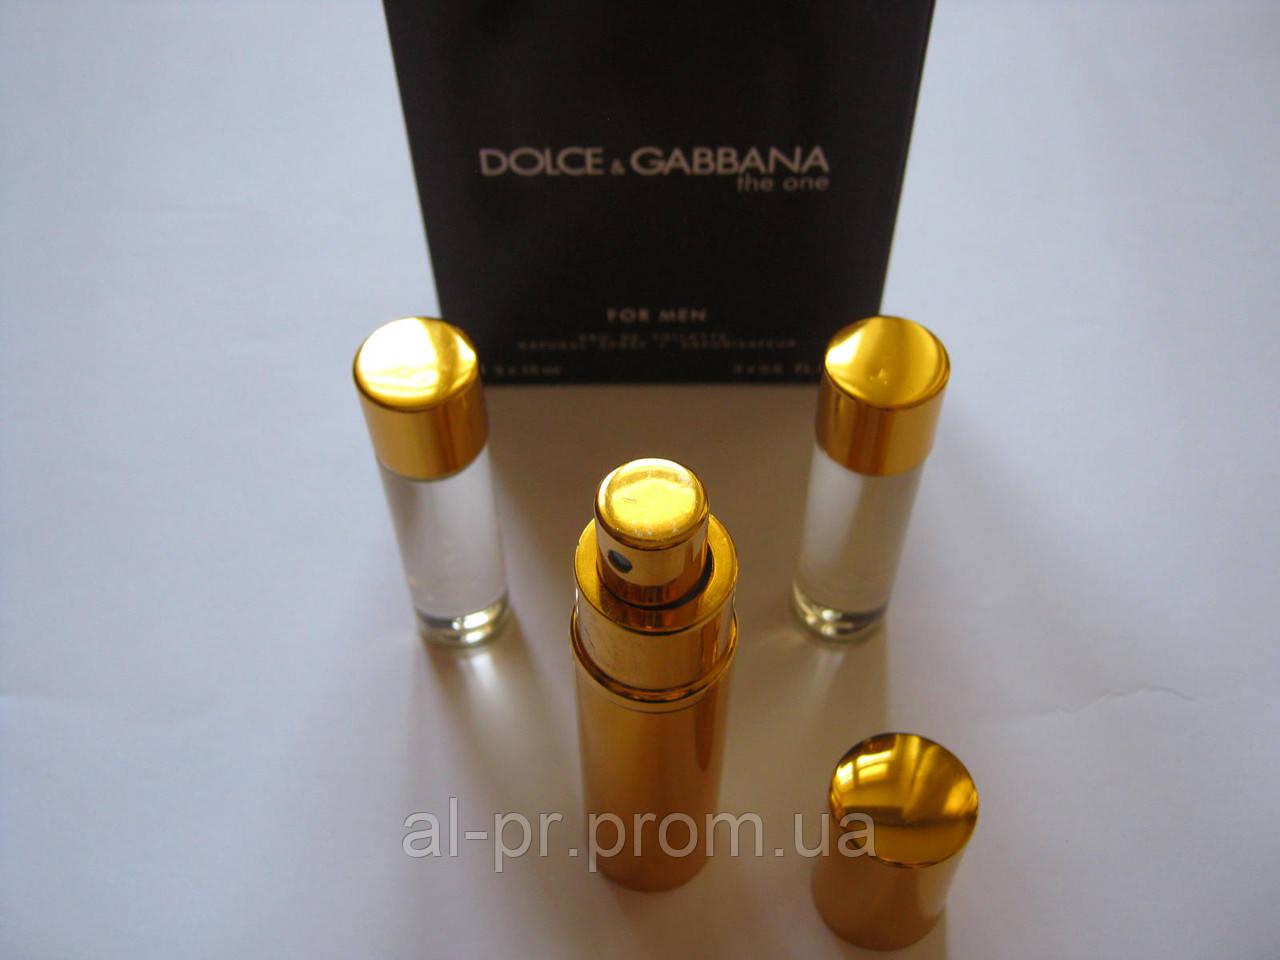 Набор парфюмерии Dolce&Gabbana The One for Man